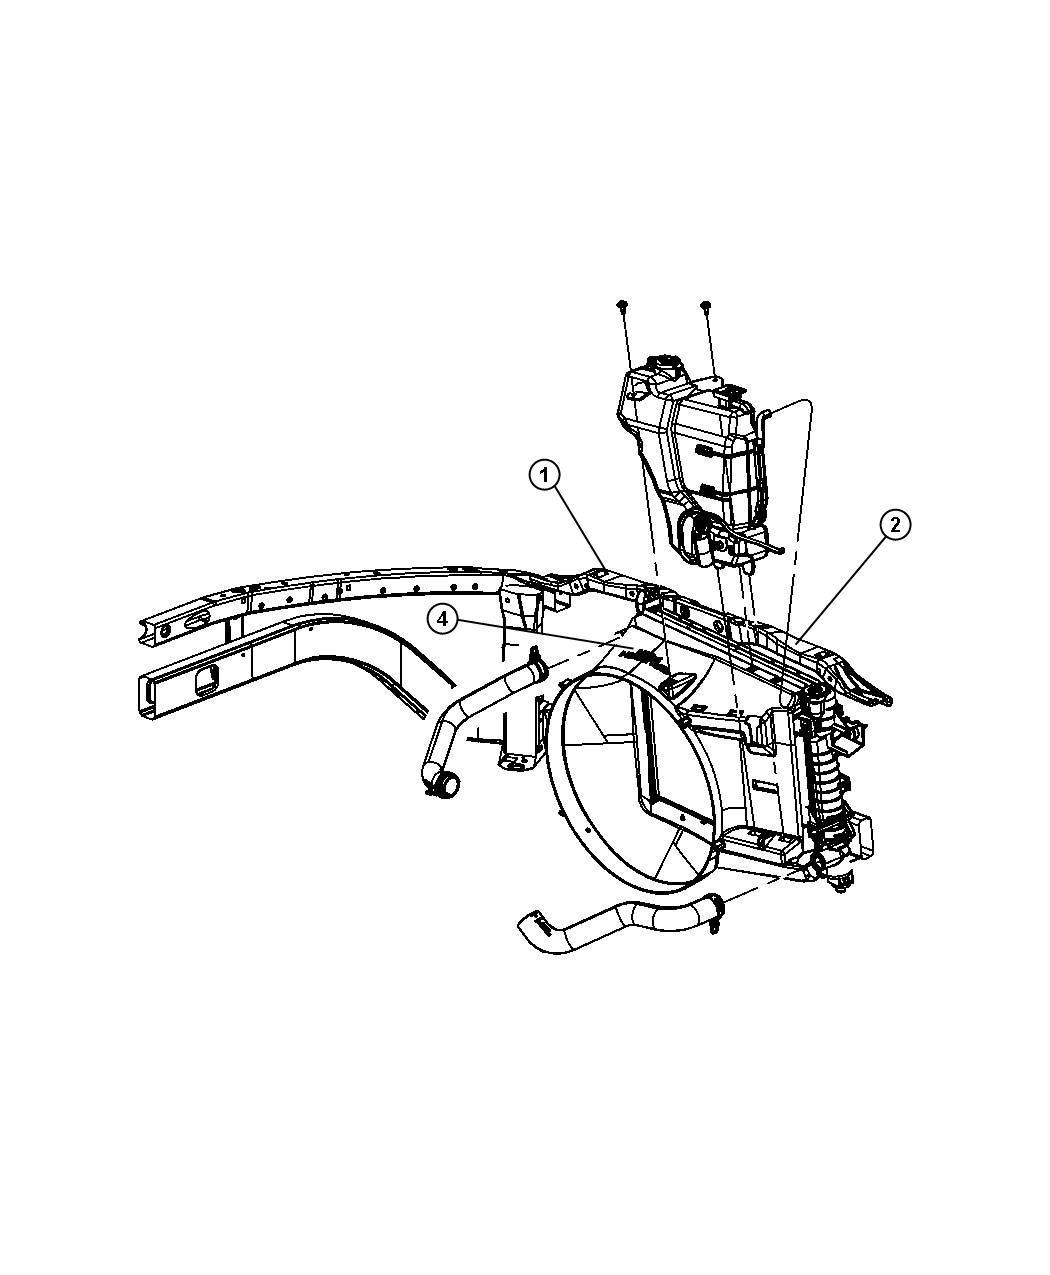 Jeep Wrangler Label Emission Nas Emissions